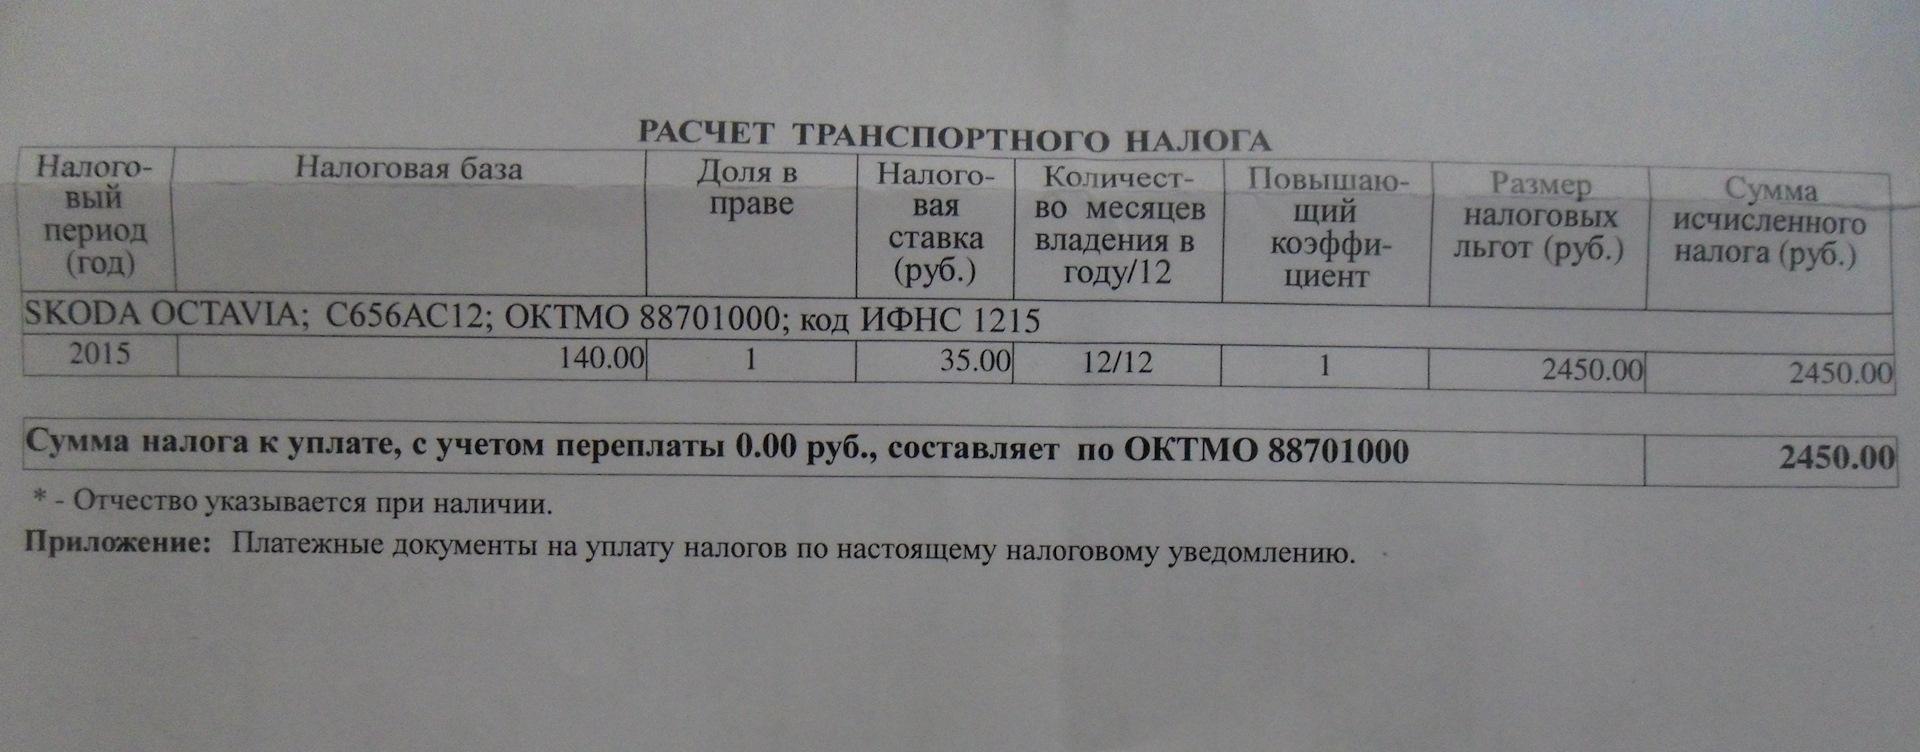 Ставки транспортного налога хмао 2014 прогноз ставок волейбол